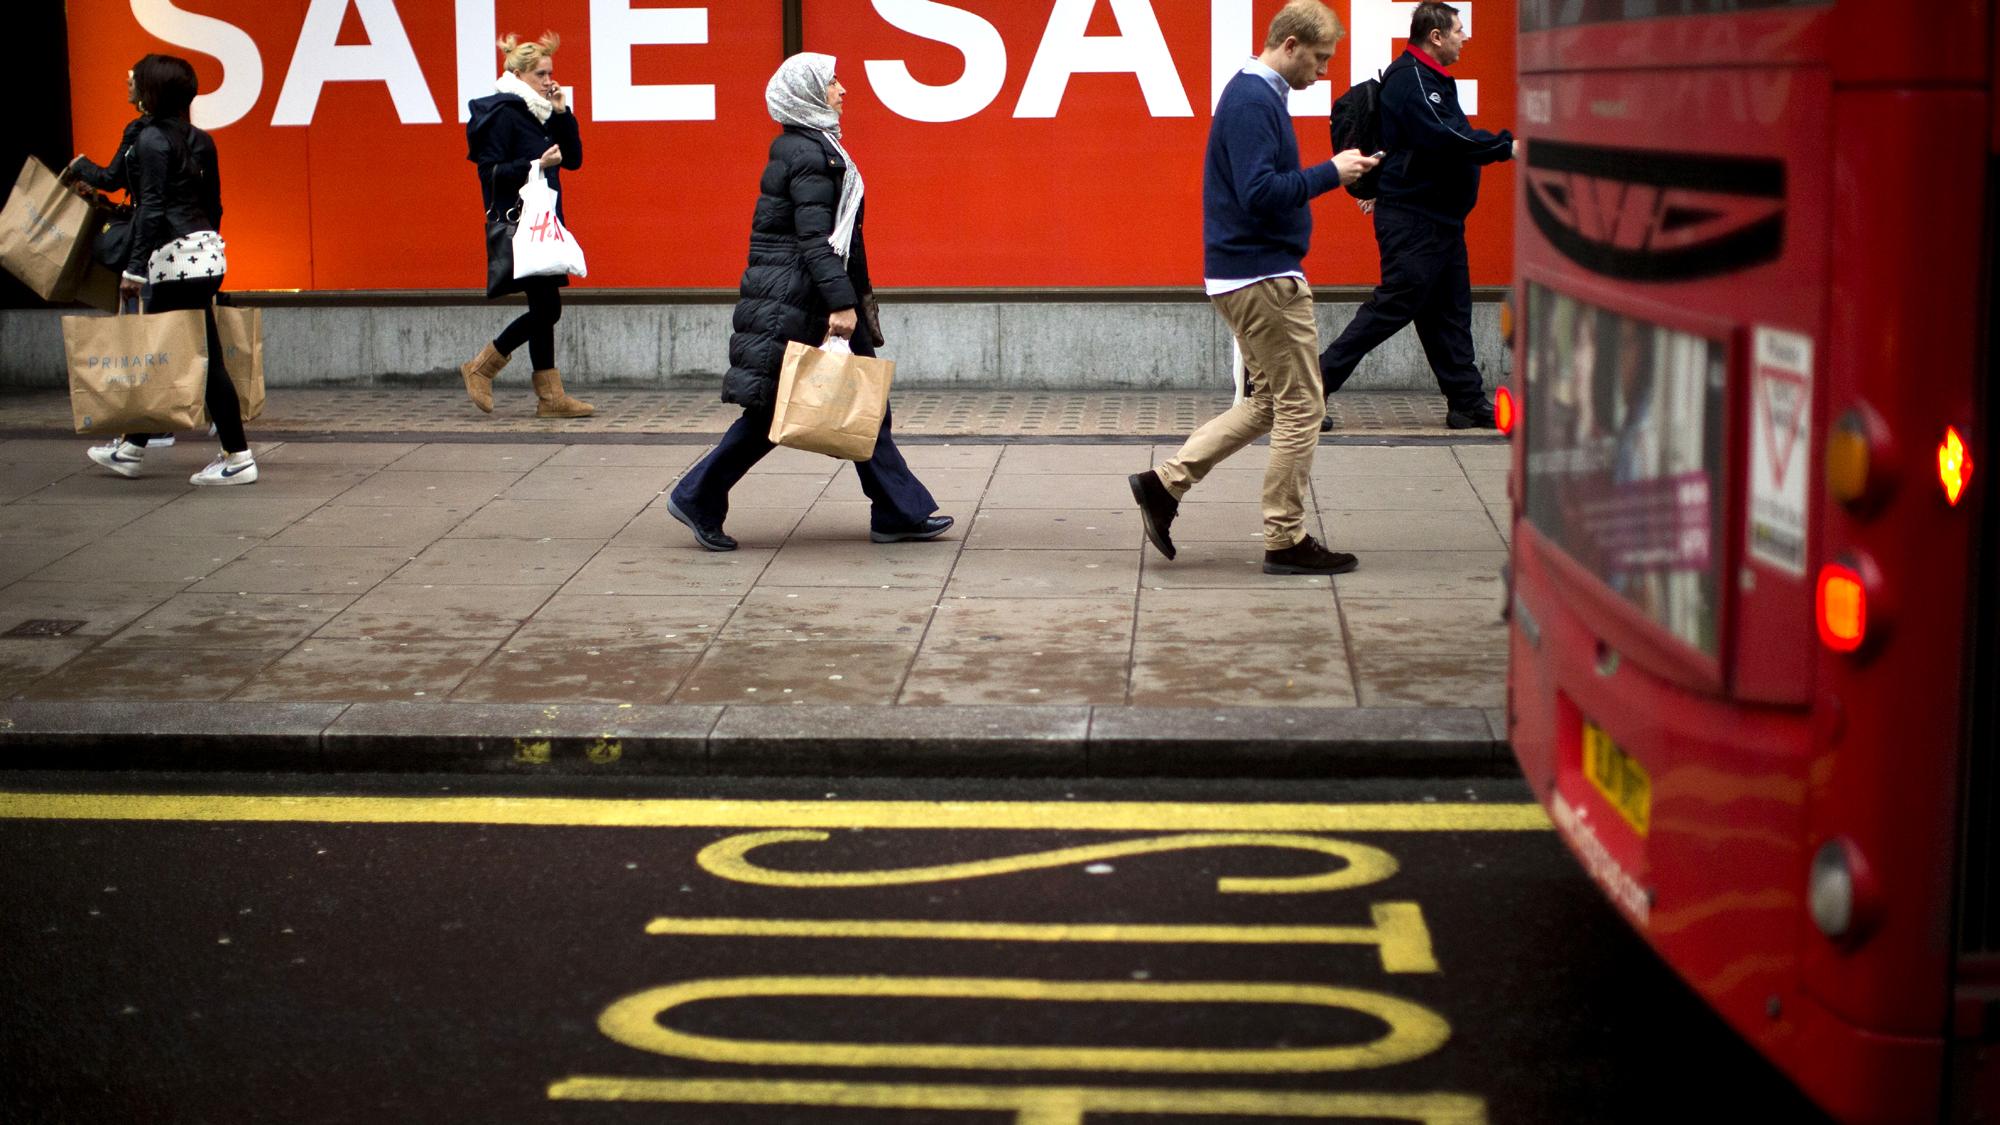 Ônibus e pedestres dividindo espaço na Oxford Street (AP Photo/Matt Dunham)